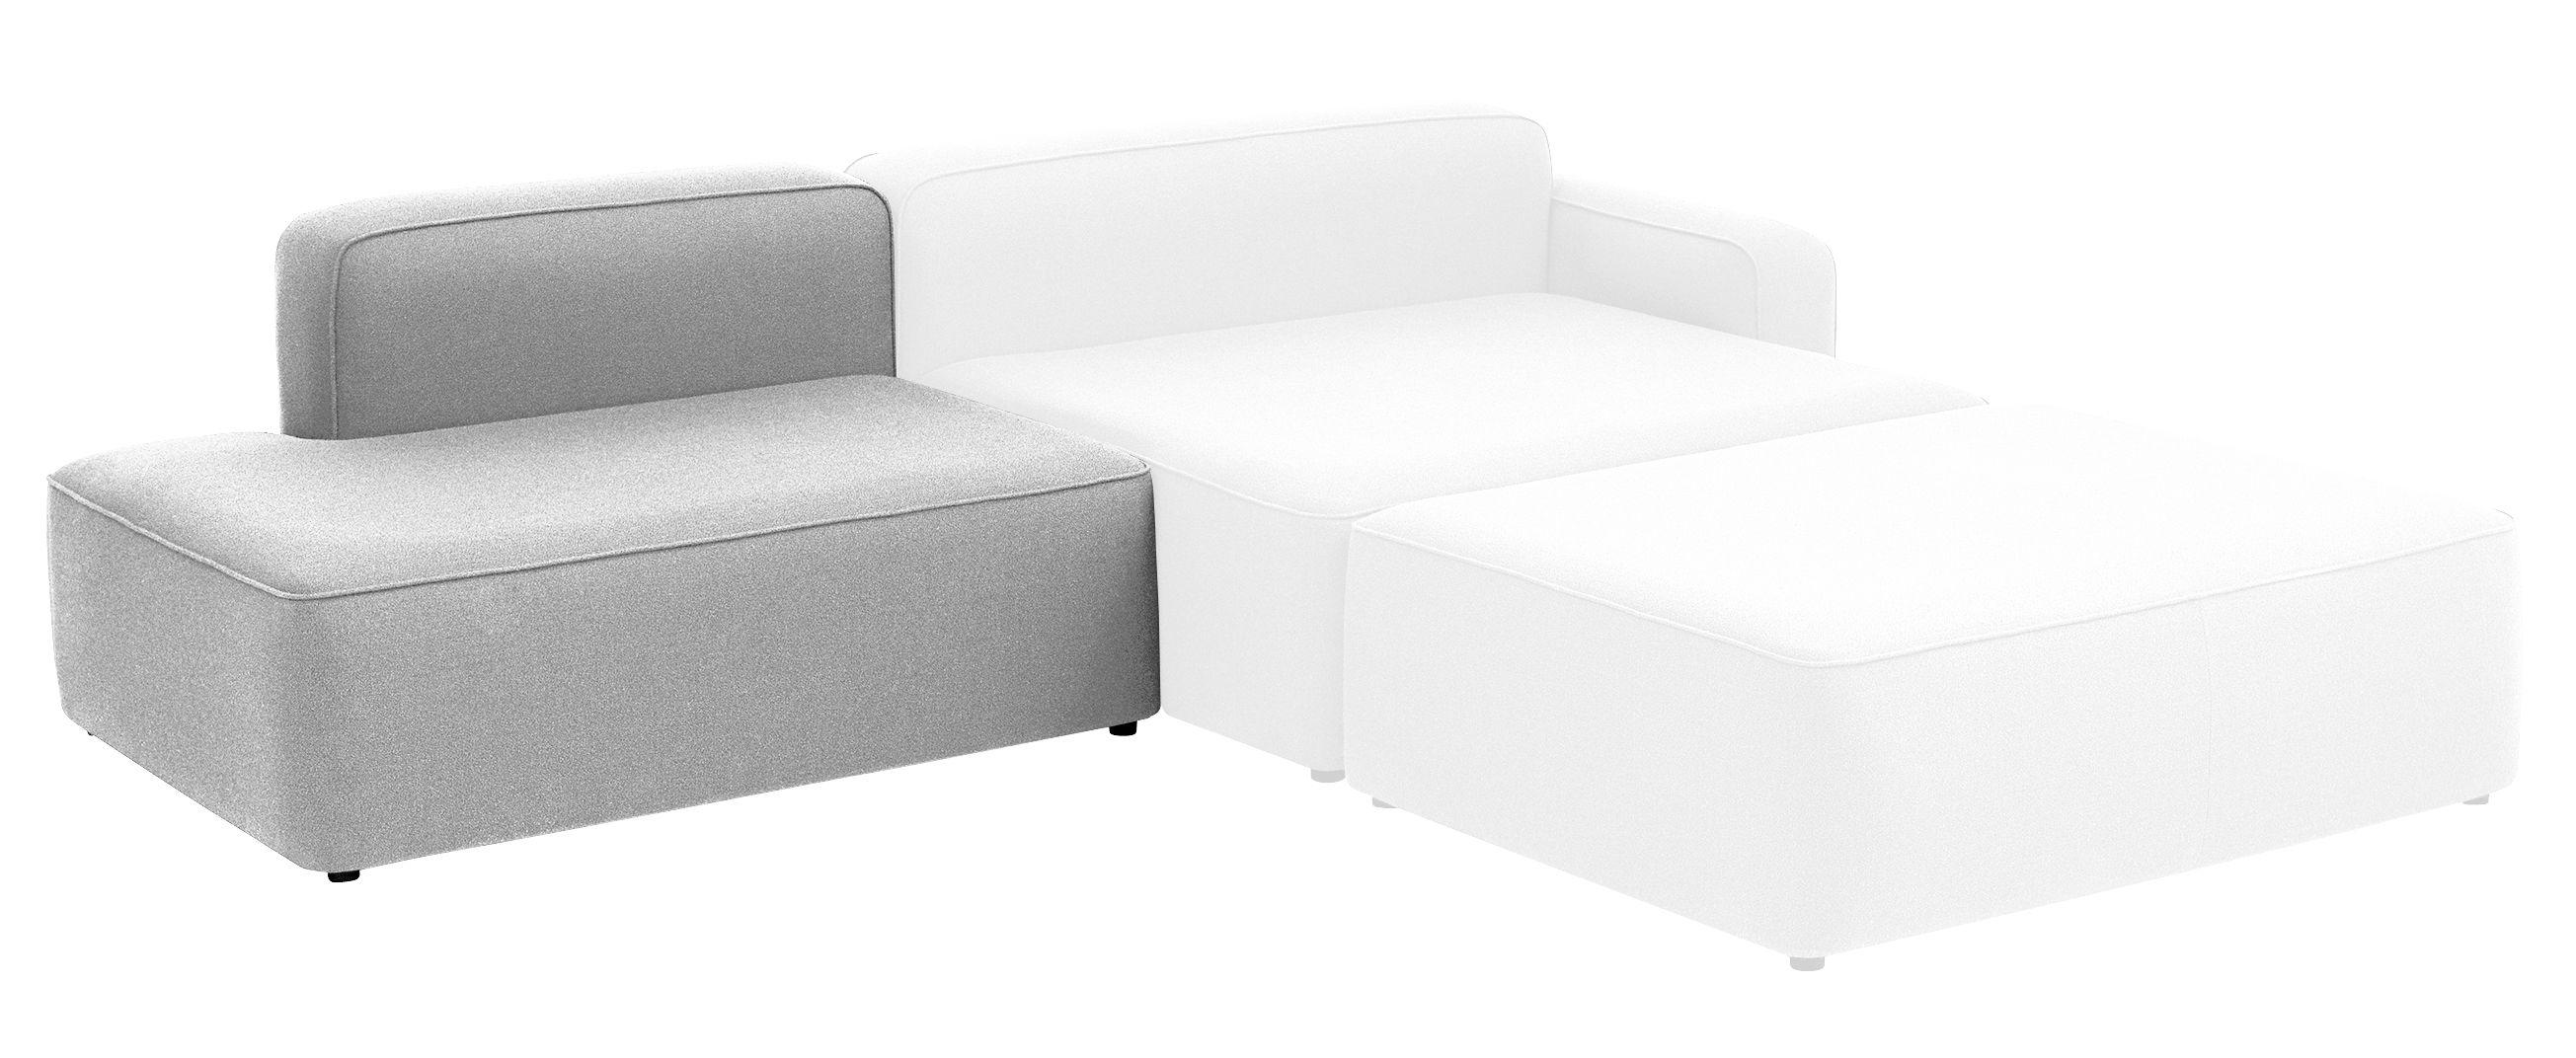 sofa modulierbar rope von normann copenhagen hellgrau l 120 x h 67 made in design. Black Bedroom Furniture Sets. Home Design Ideas